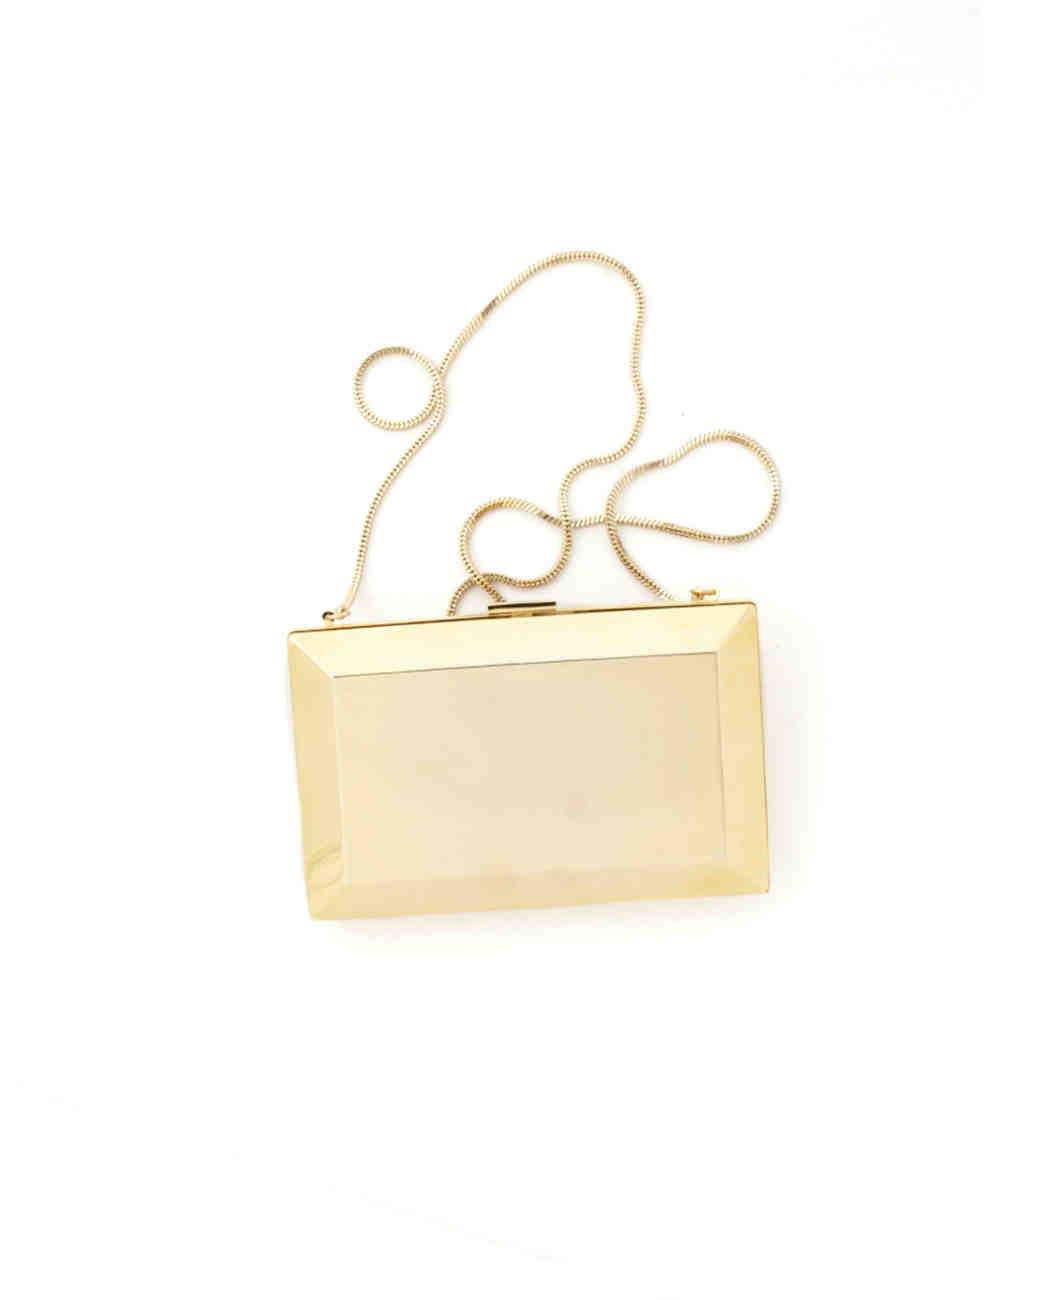 bag-handle-wd108931.jpg